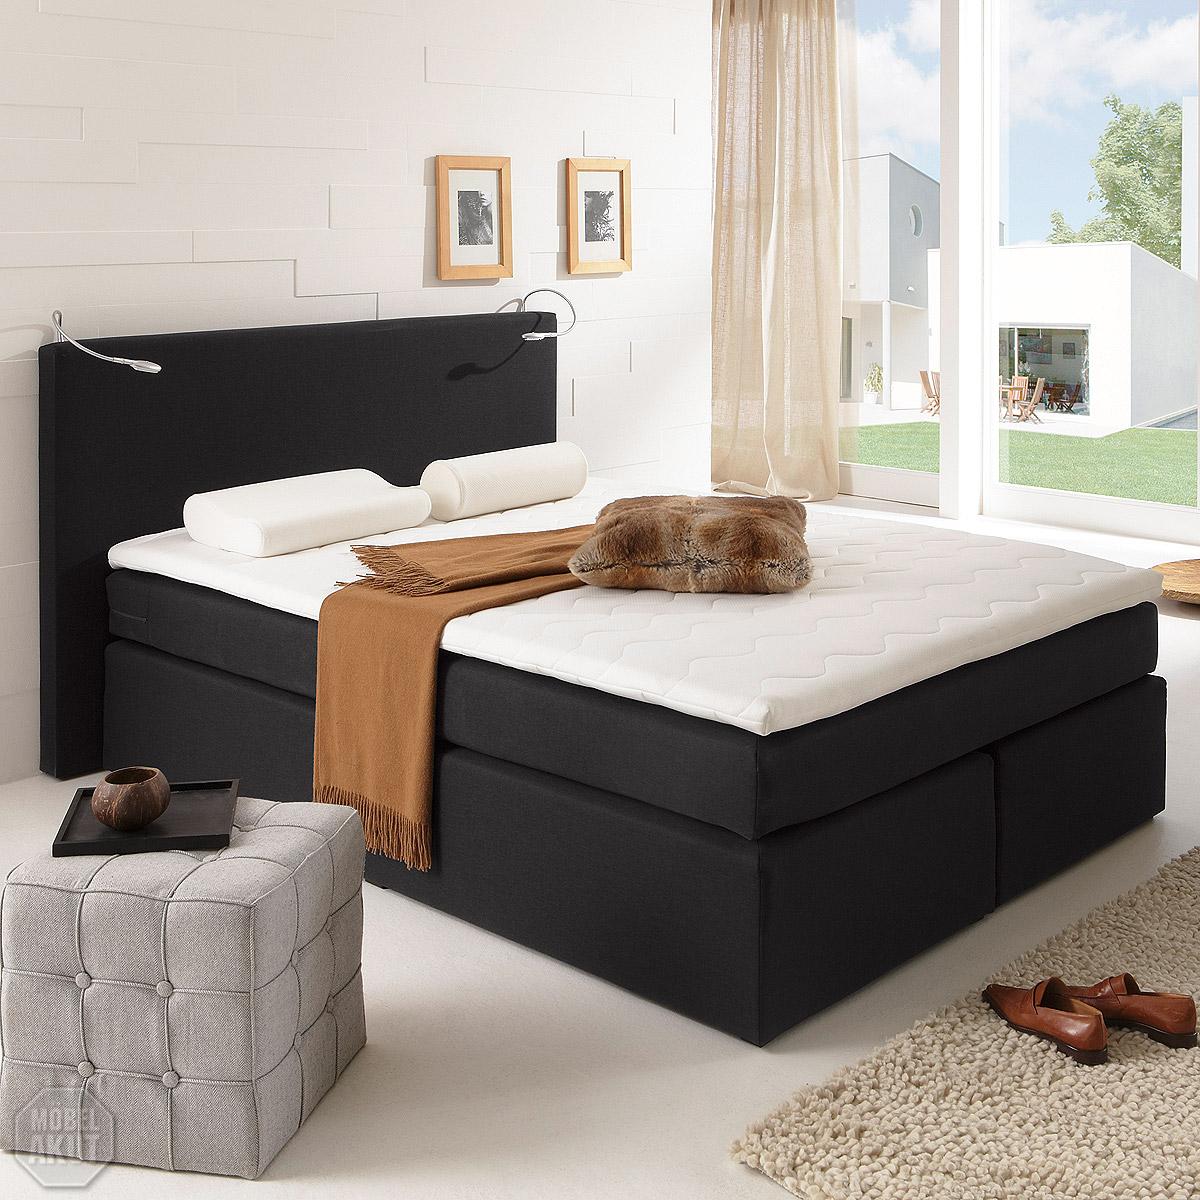 bett inkl matratze und lattenrost startseite design bilder. Black Bedroom Furniture Sets. Home Design Ideas